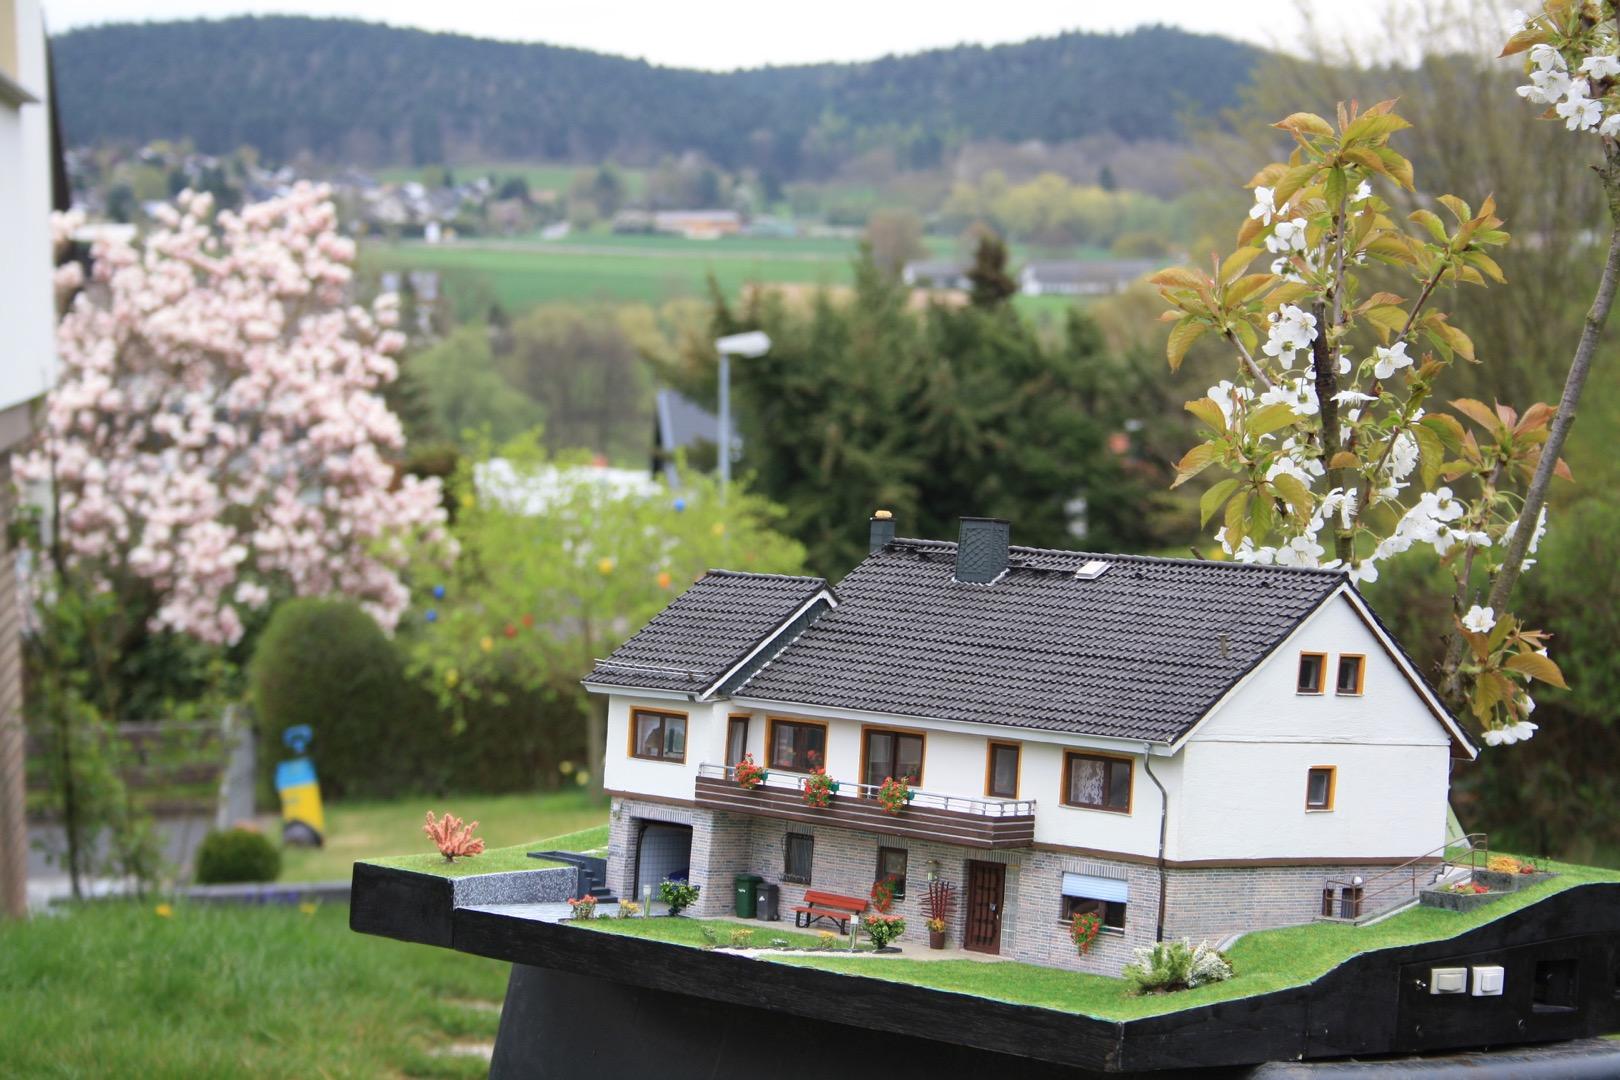 Modell vor der nordhessischen Landschaft